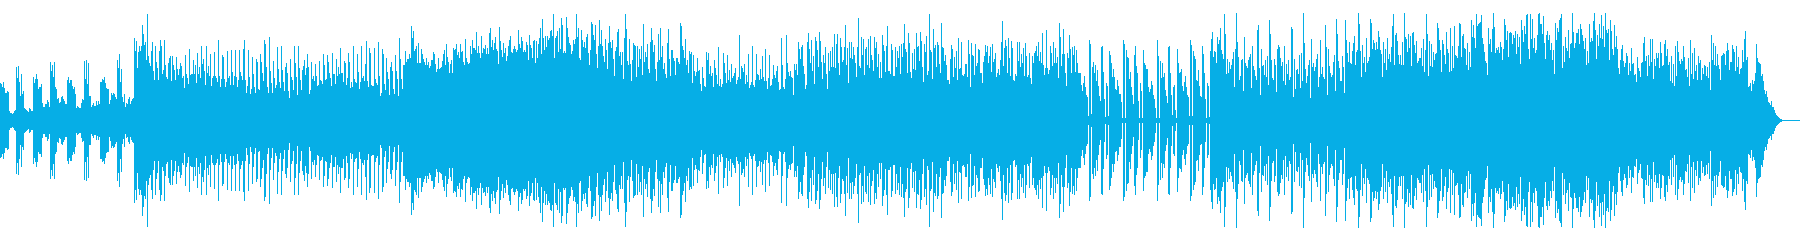 ダークなインダストリアルテクノの再生済みの波形